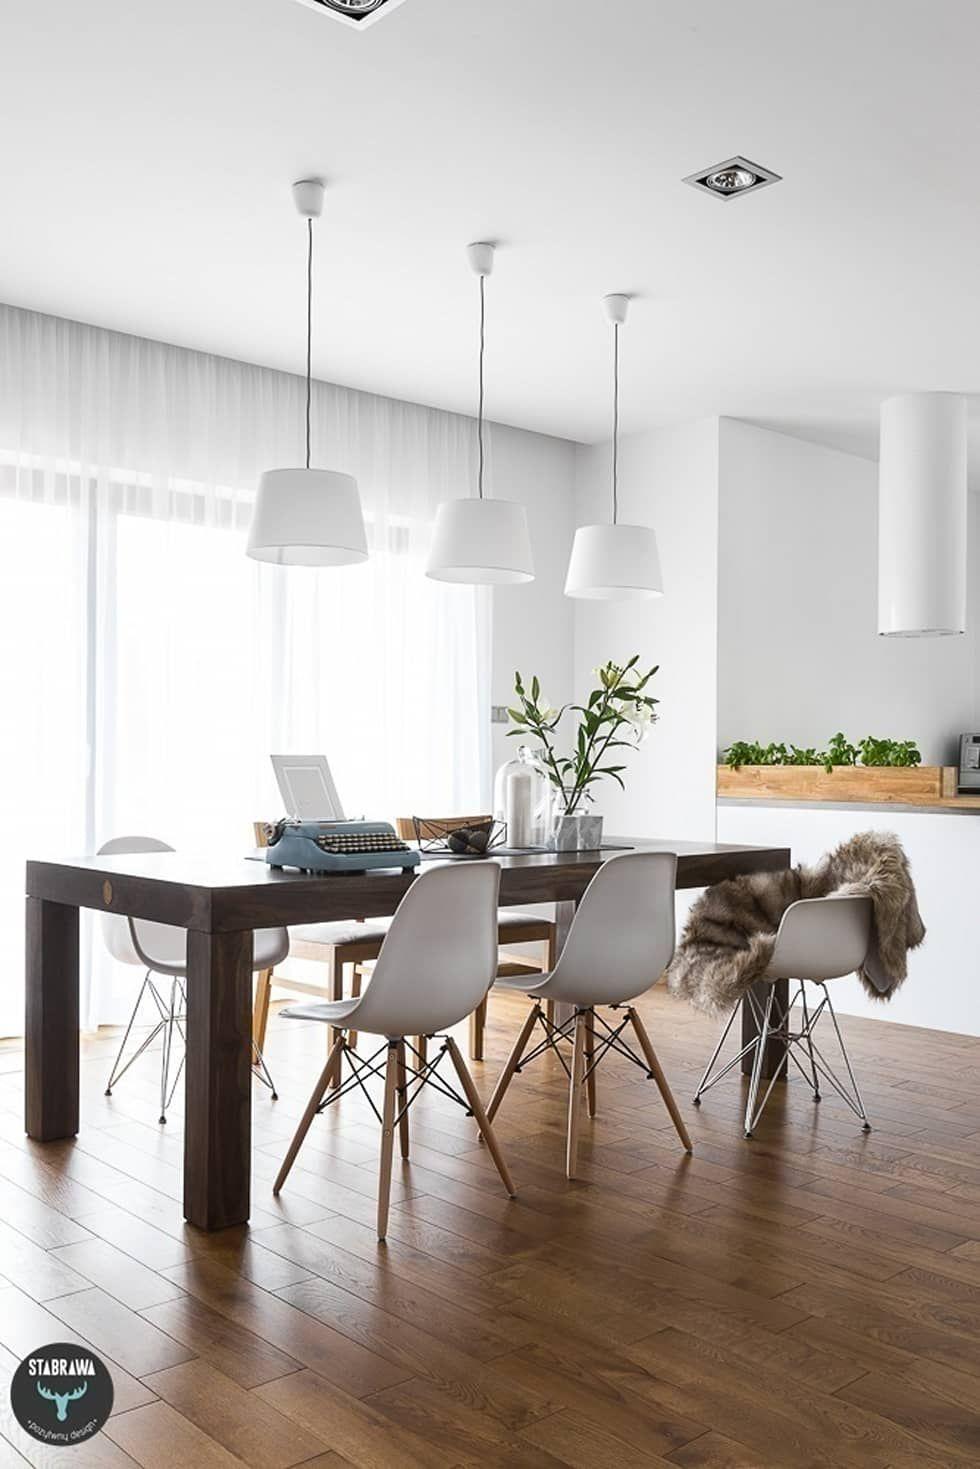 wohnzimmer deko skandinavisch : Wohnideen Interior Design Einrichtungsideen Bilder